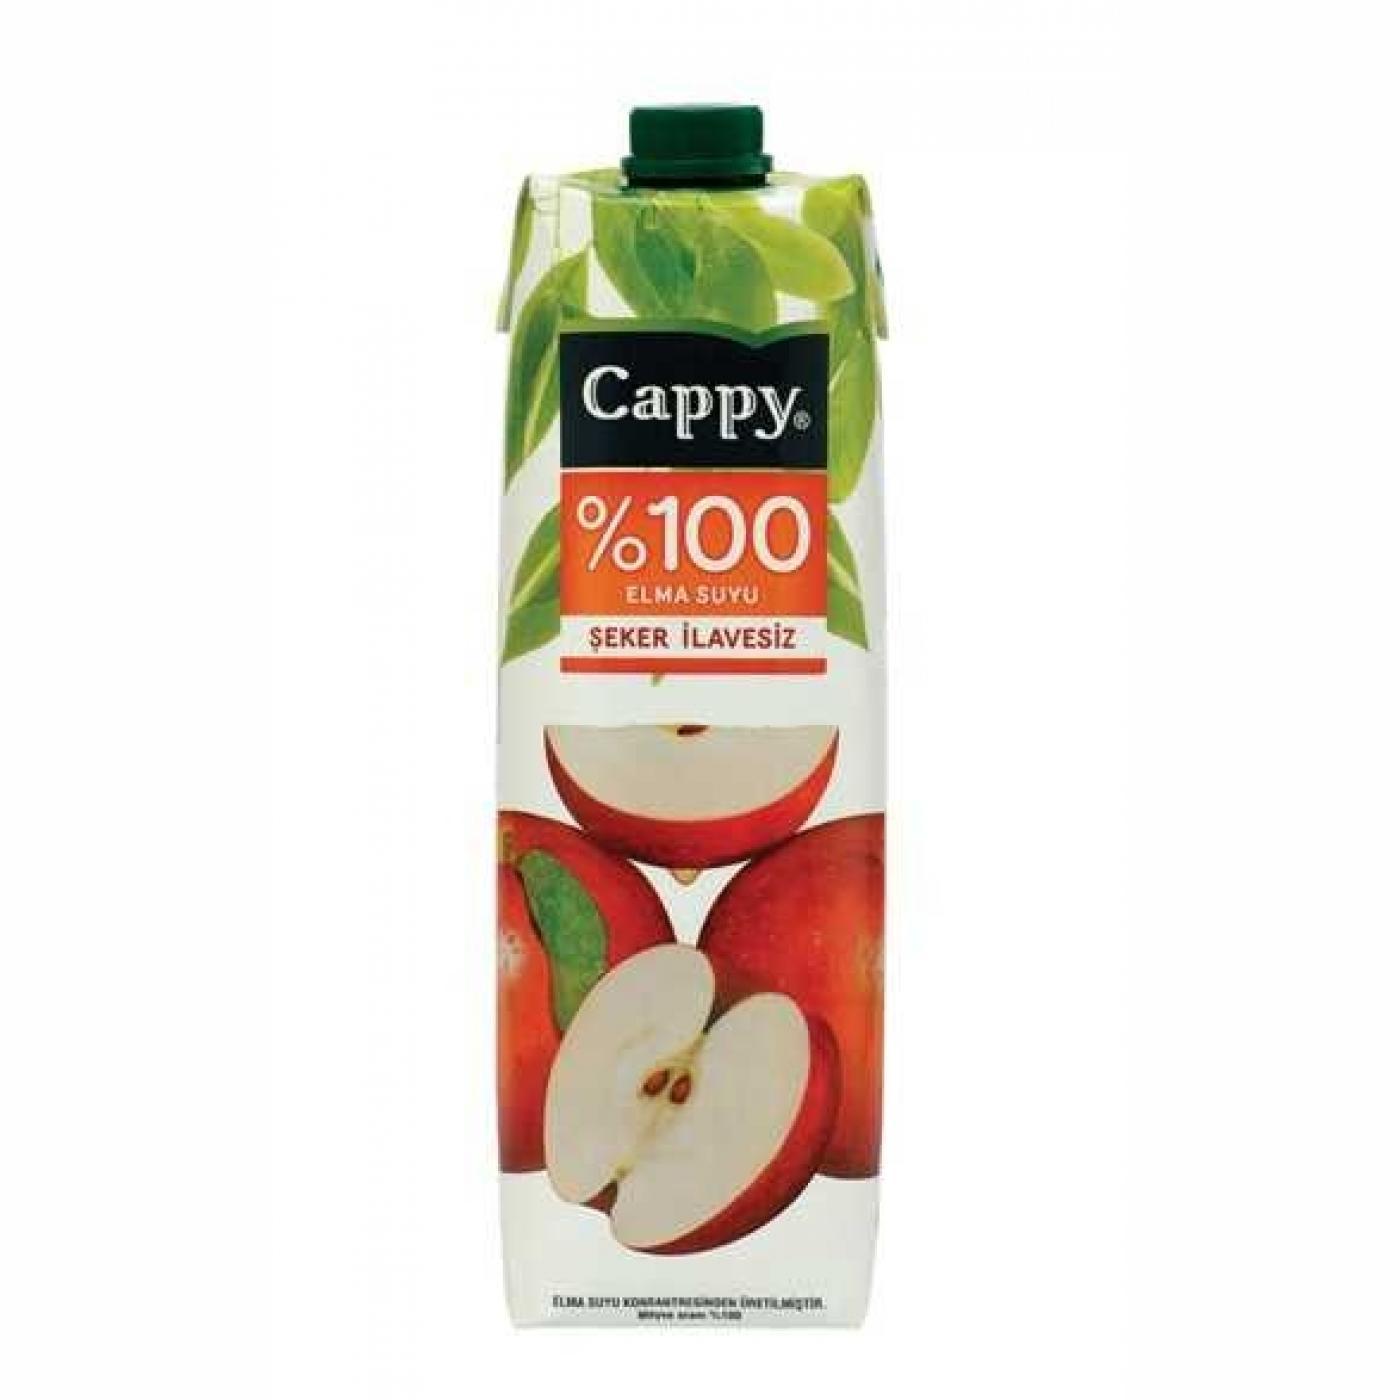 CAPPY 1LT %100 ELMA